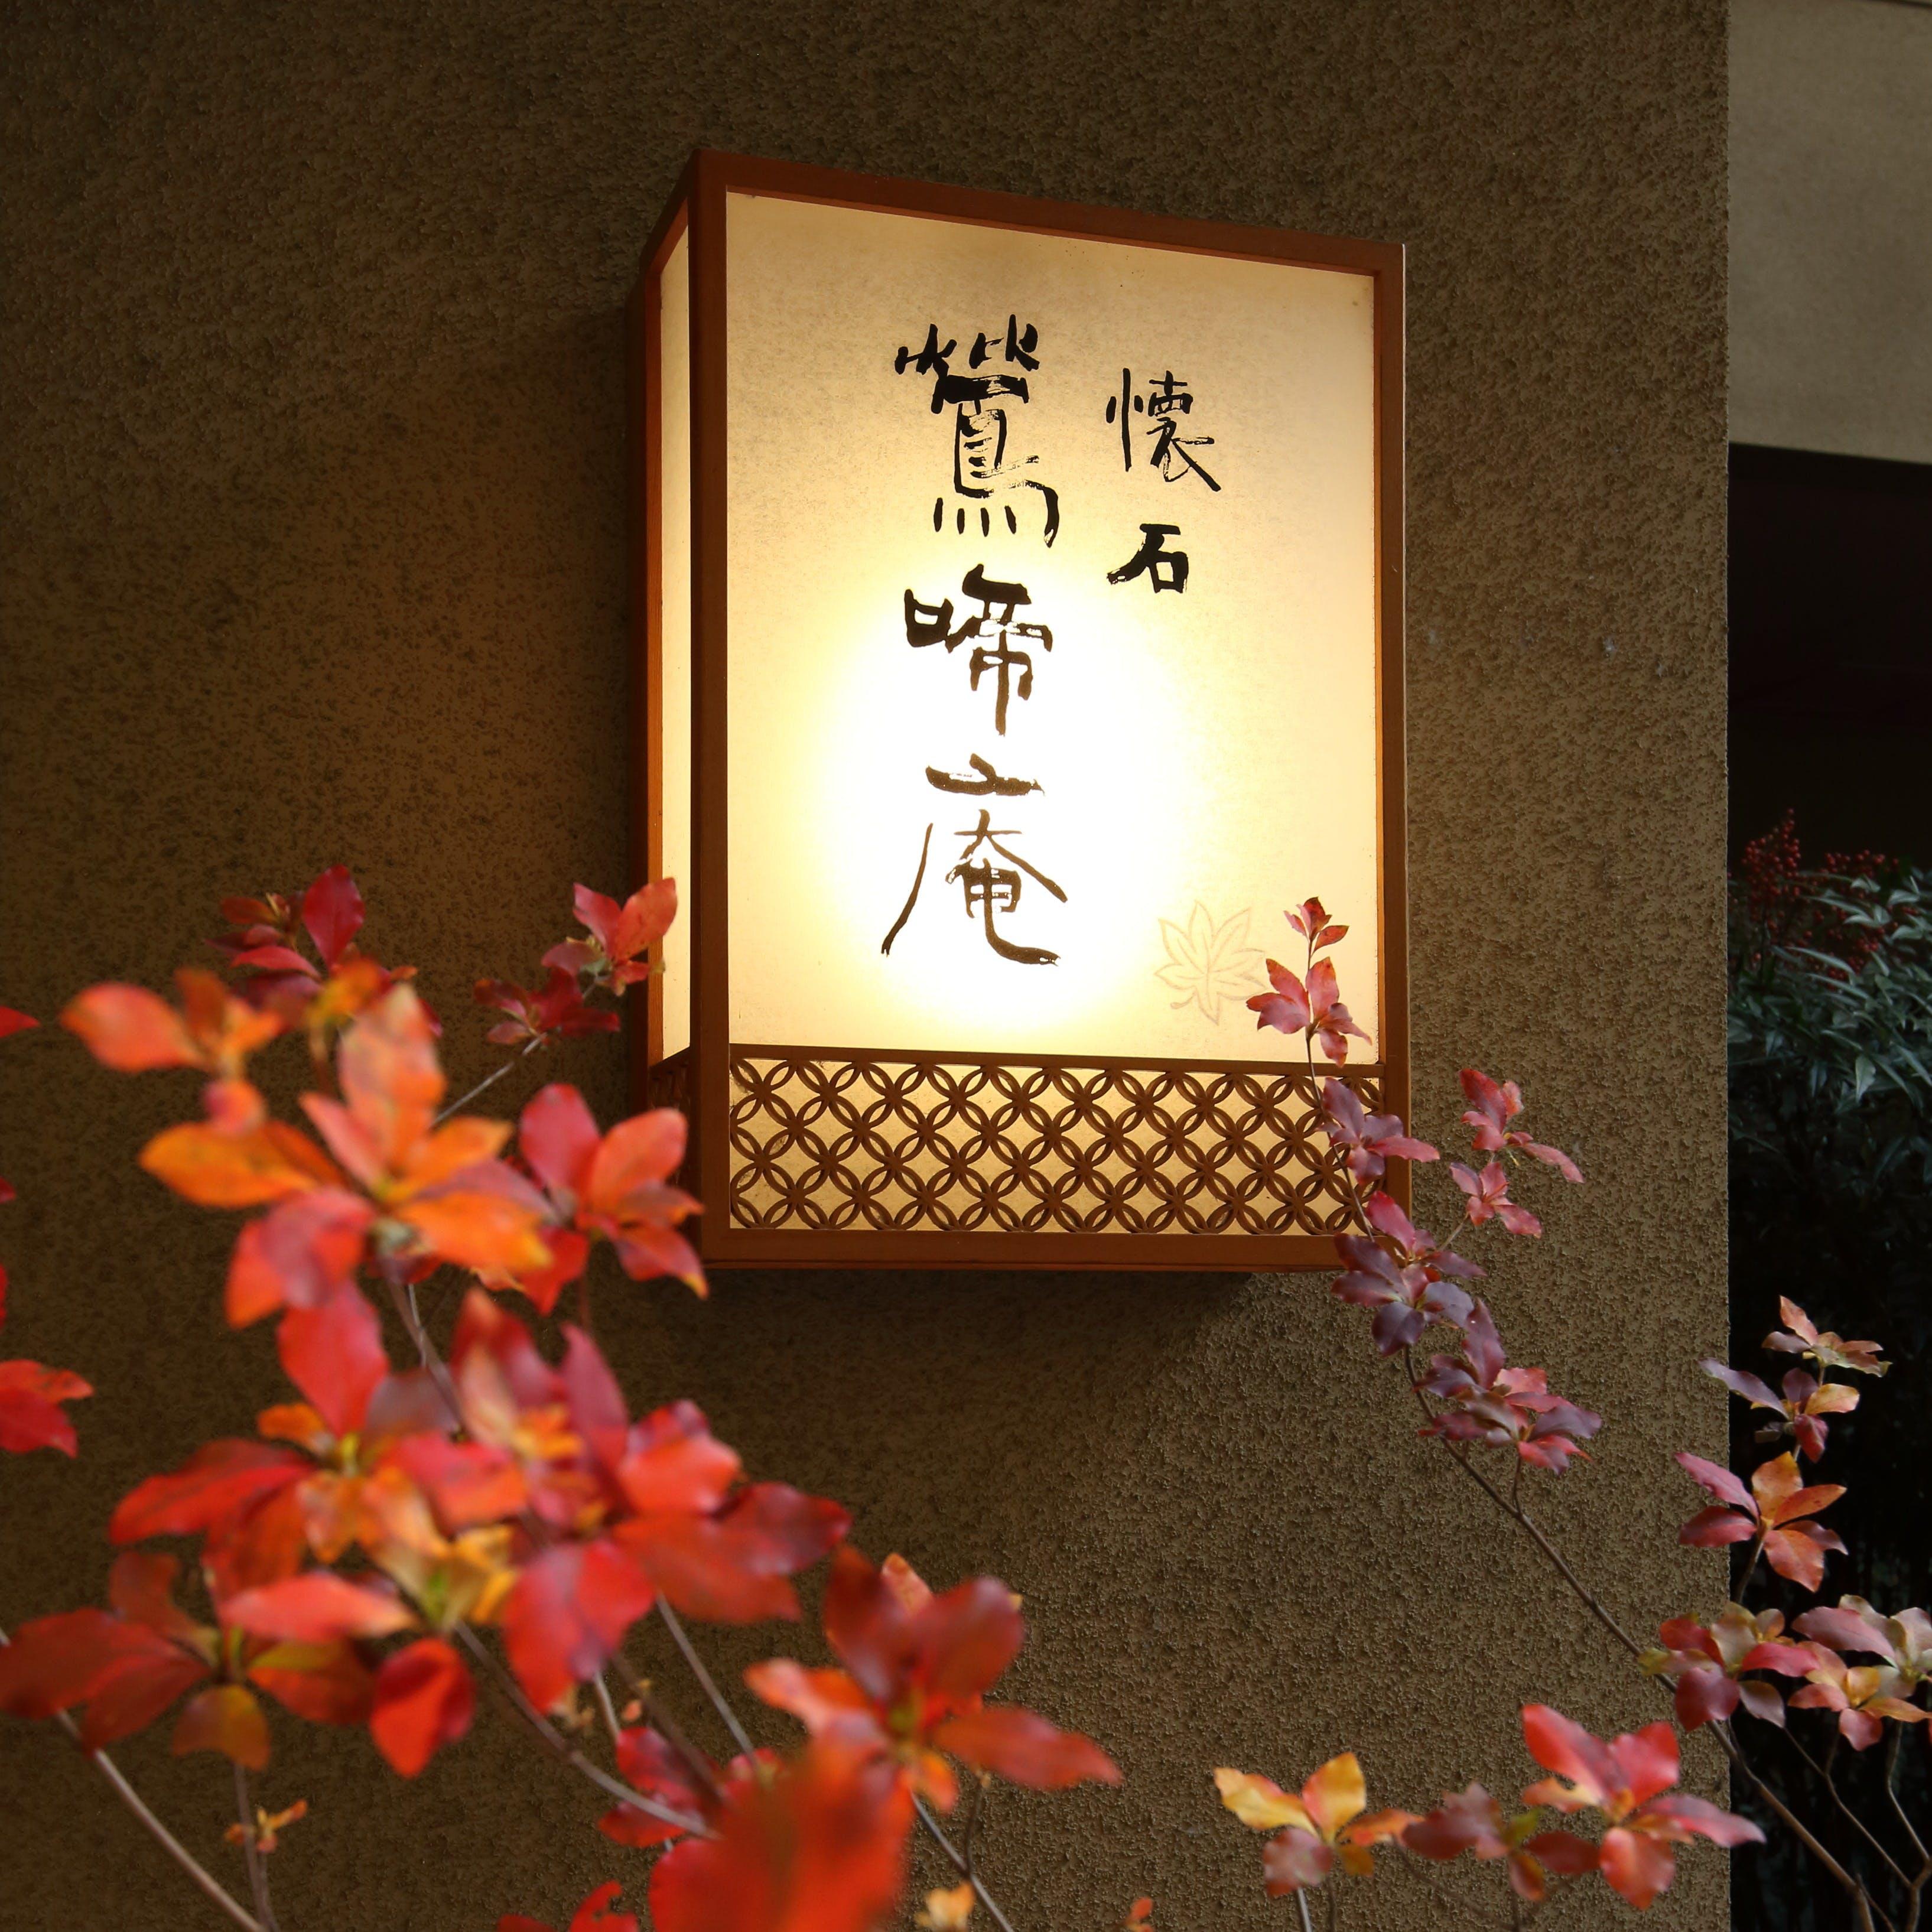 広大な日本庭園と数寄屋建築を愛でる珠玉の時間